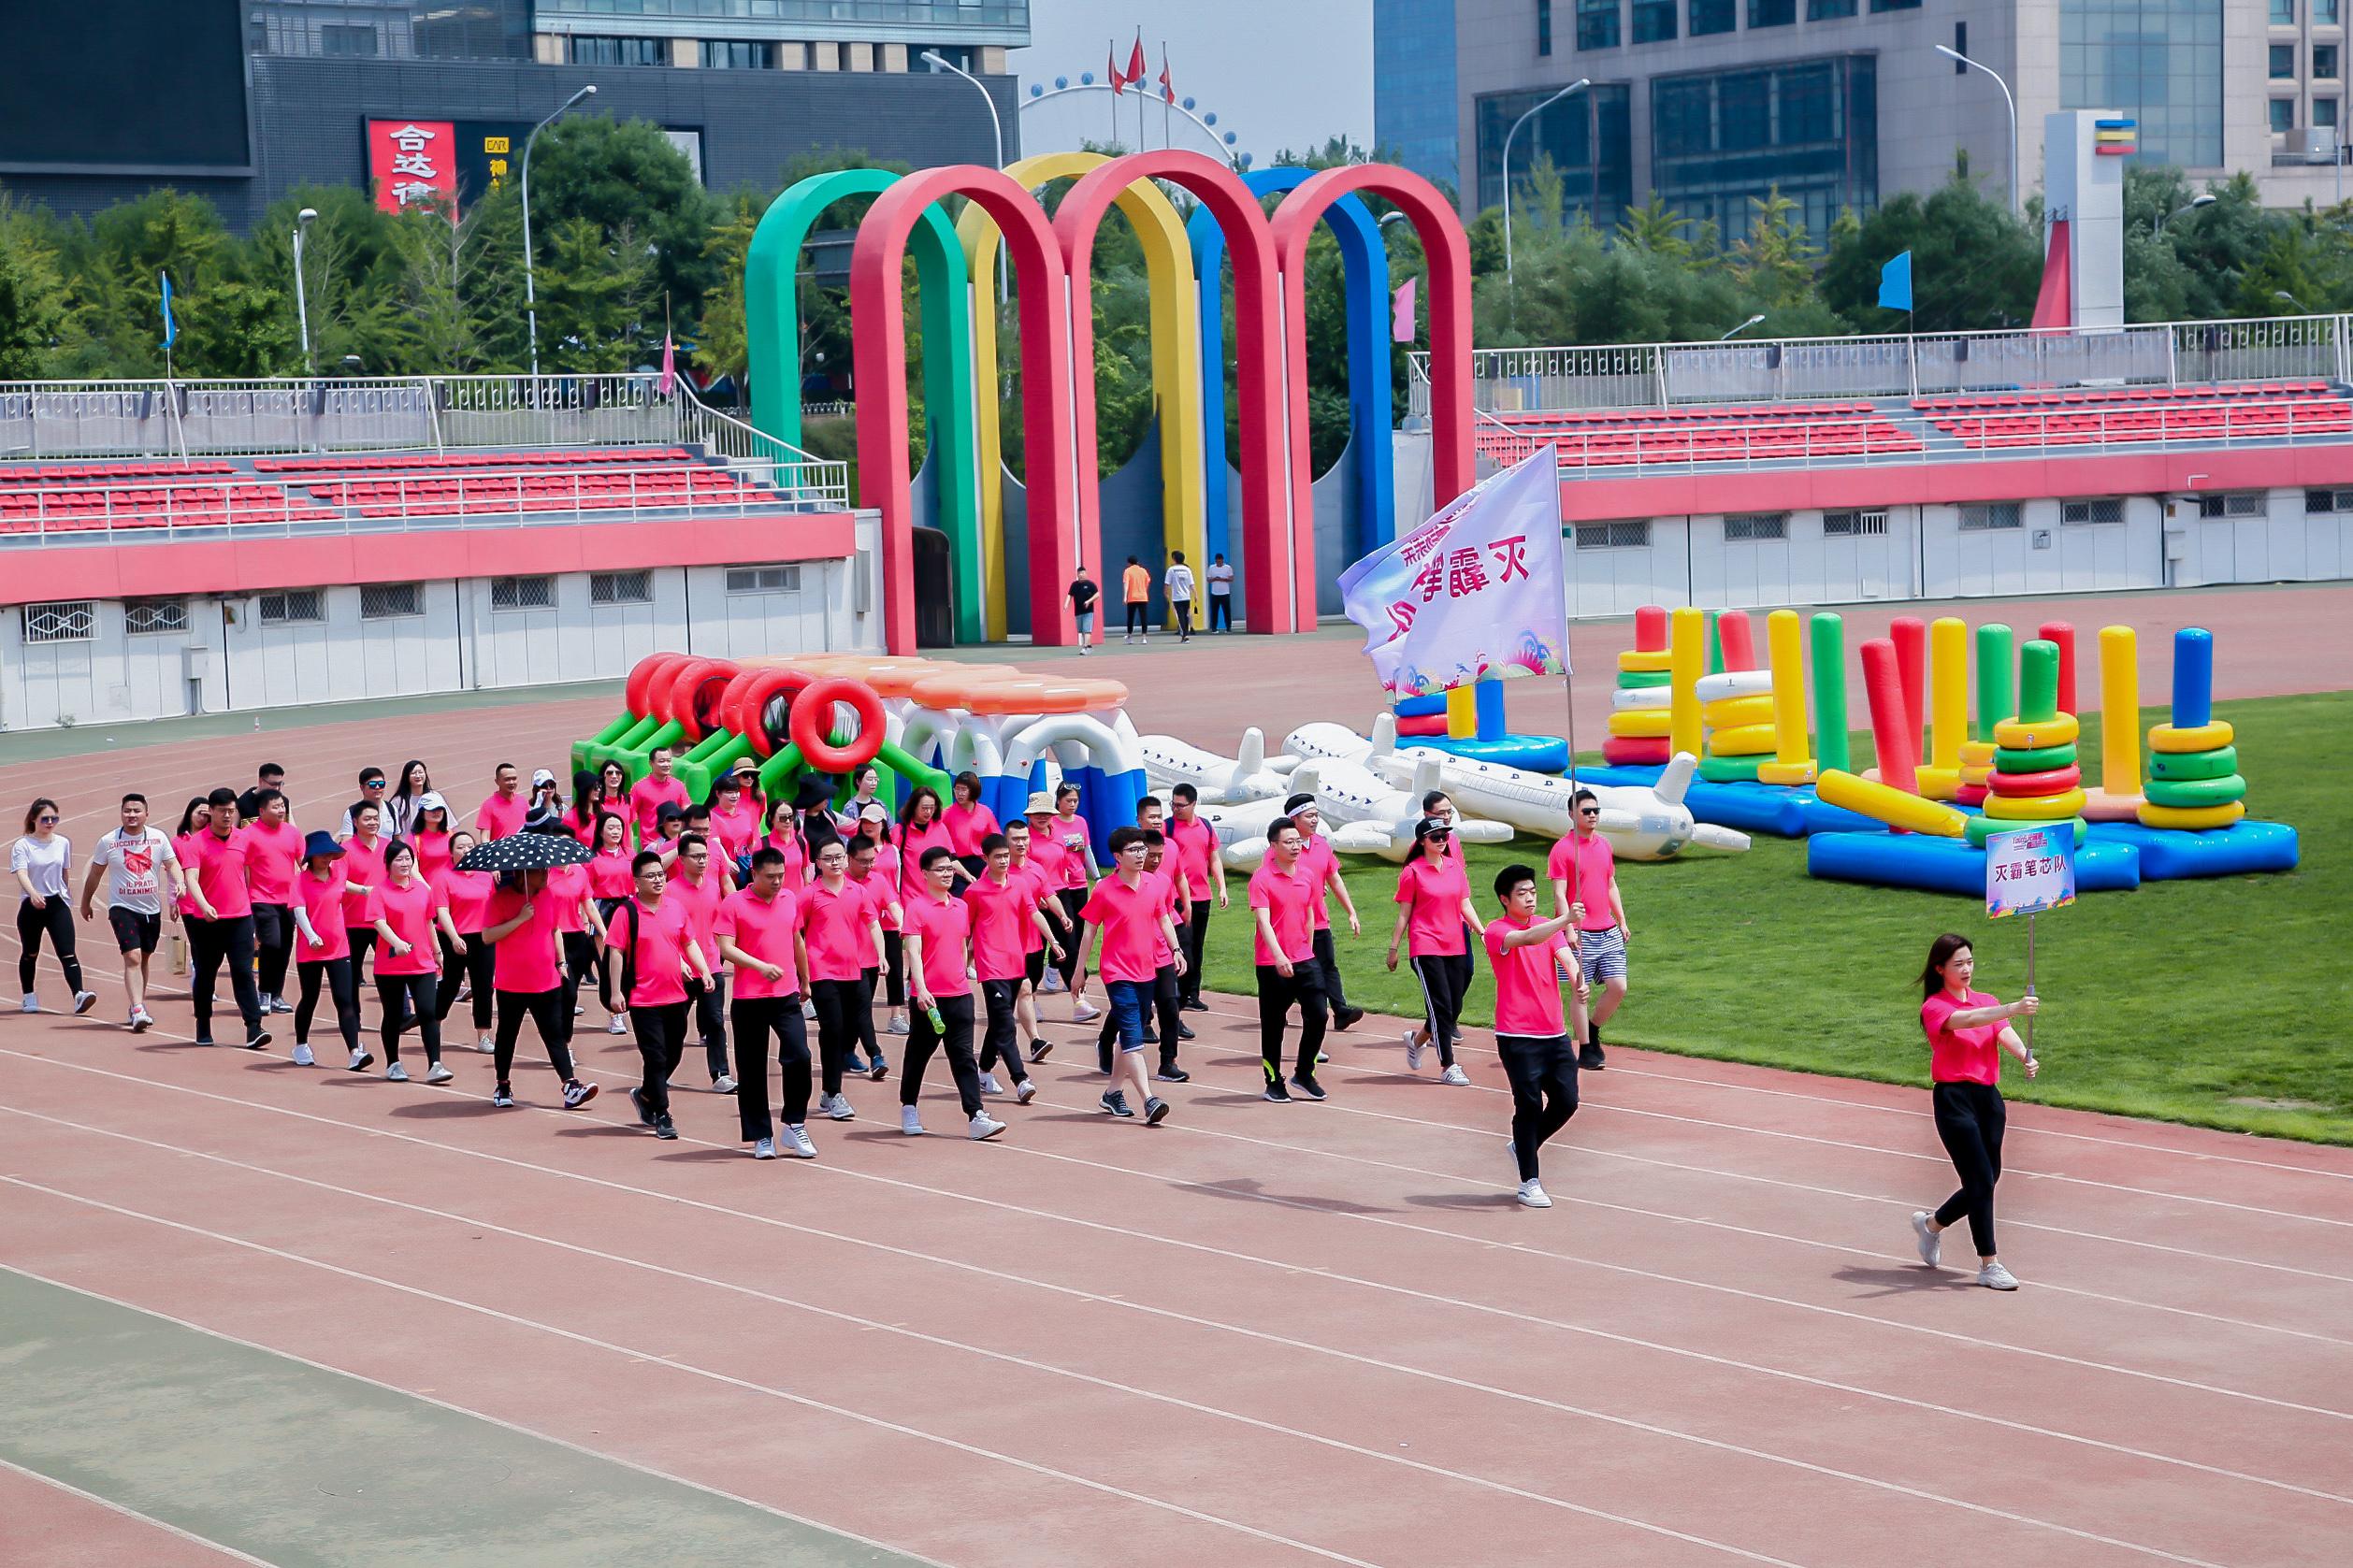 北京平安普惠運動會資料-17109493